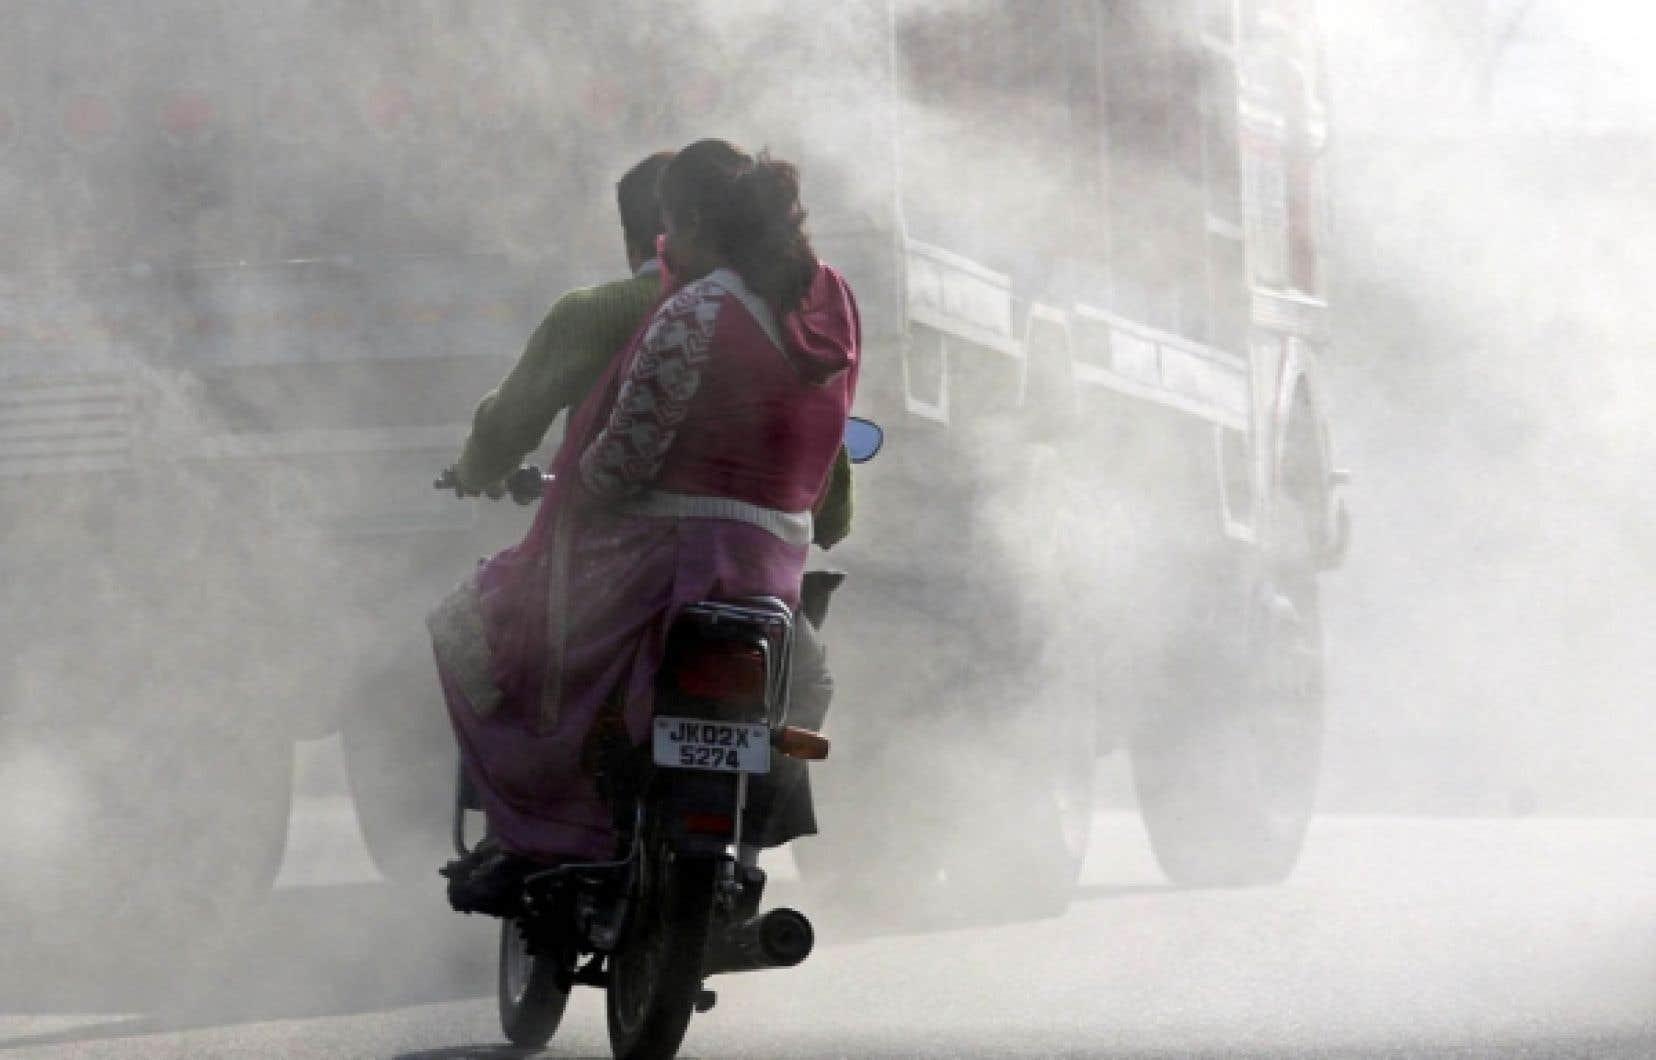 La semaine dernière, un câble diplomatique provenant du consulat des États-Unis, publié par WikiLeaks, rapportait que l'argent investi par de grandes firmes occidentales dans des projets de réductions de gaz à effet de serre en Inde avait financé des projets qui se seraient faits de toute façon.